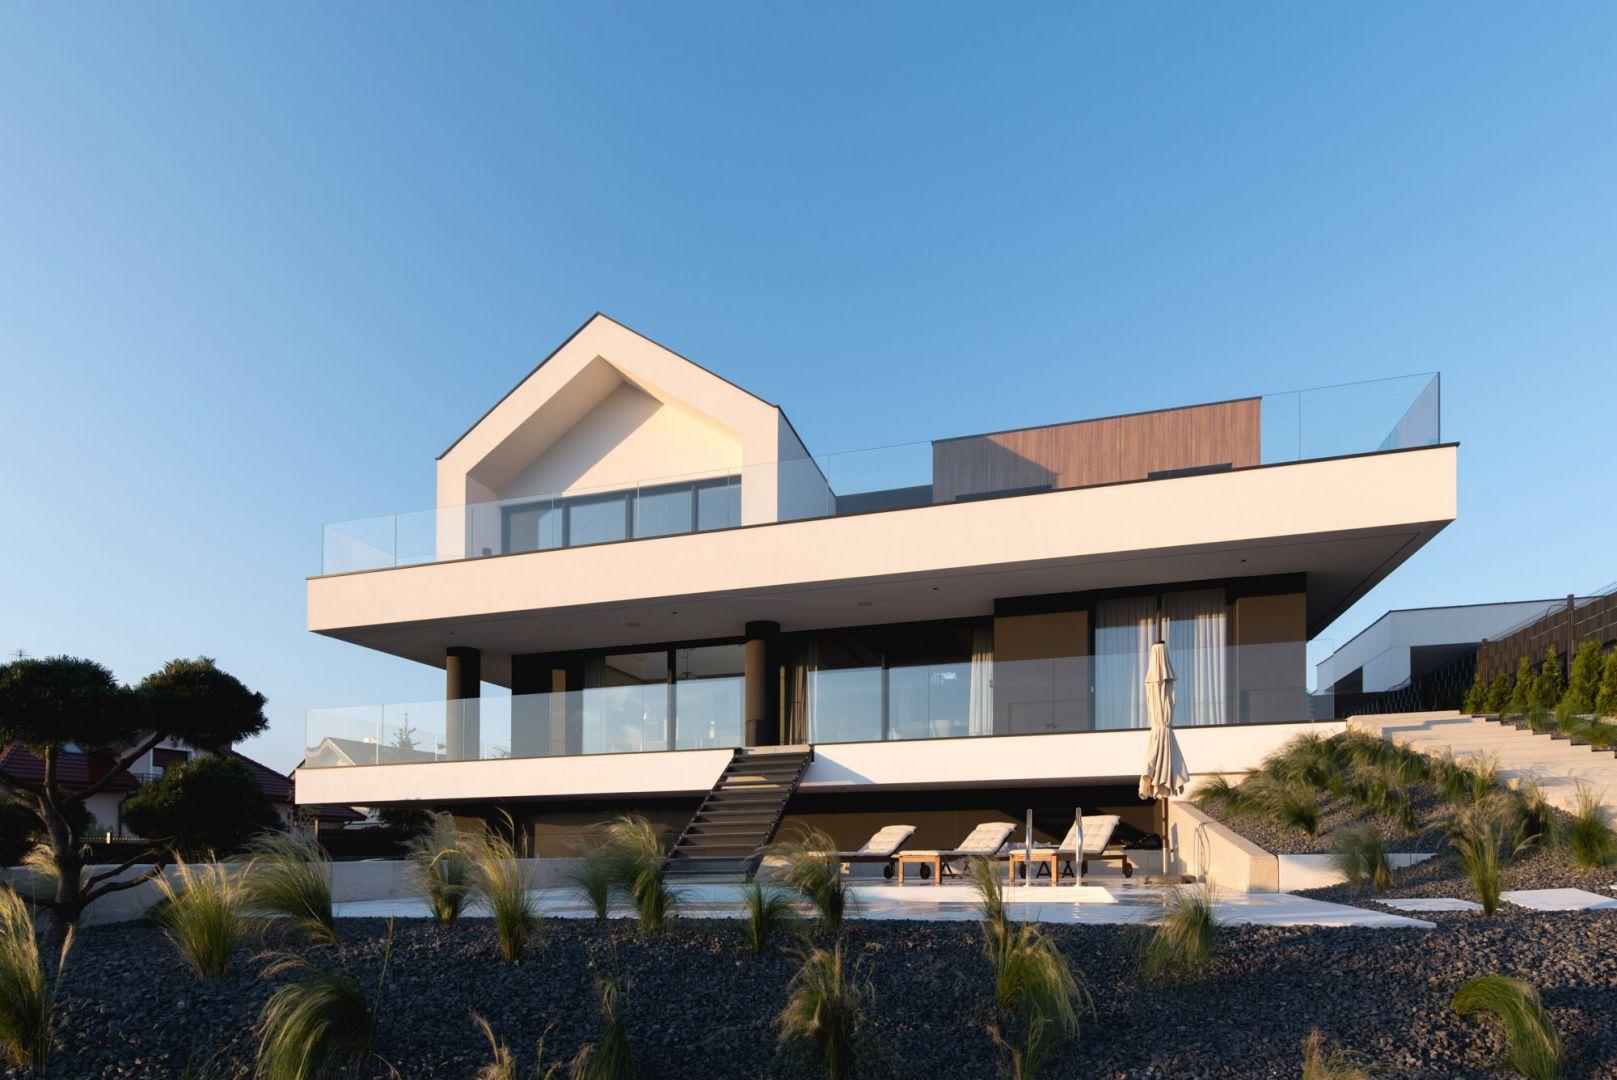 Projekt domu Slab House powstał pod Poznaniem na jednym ze wzgórz otaczających miasto. Projekt: mode:lina™. Fot. Patryk Lewiński